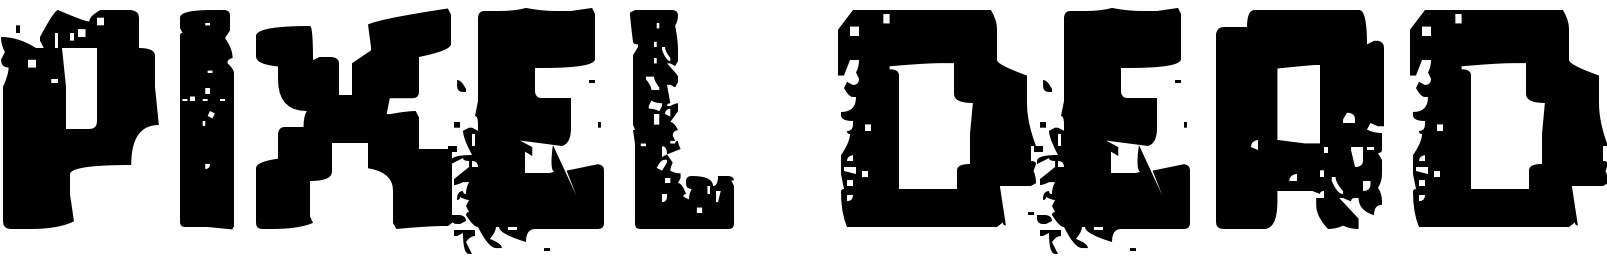 pixel dead